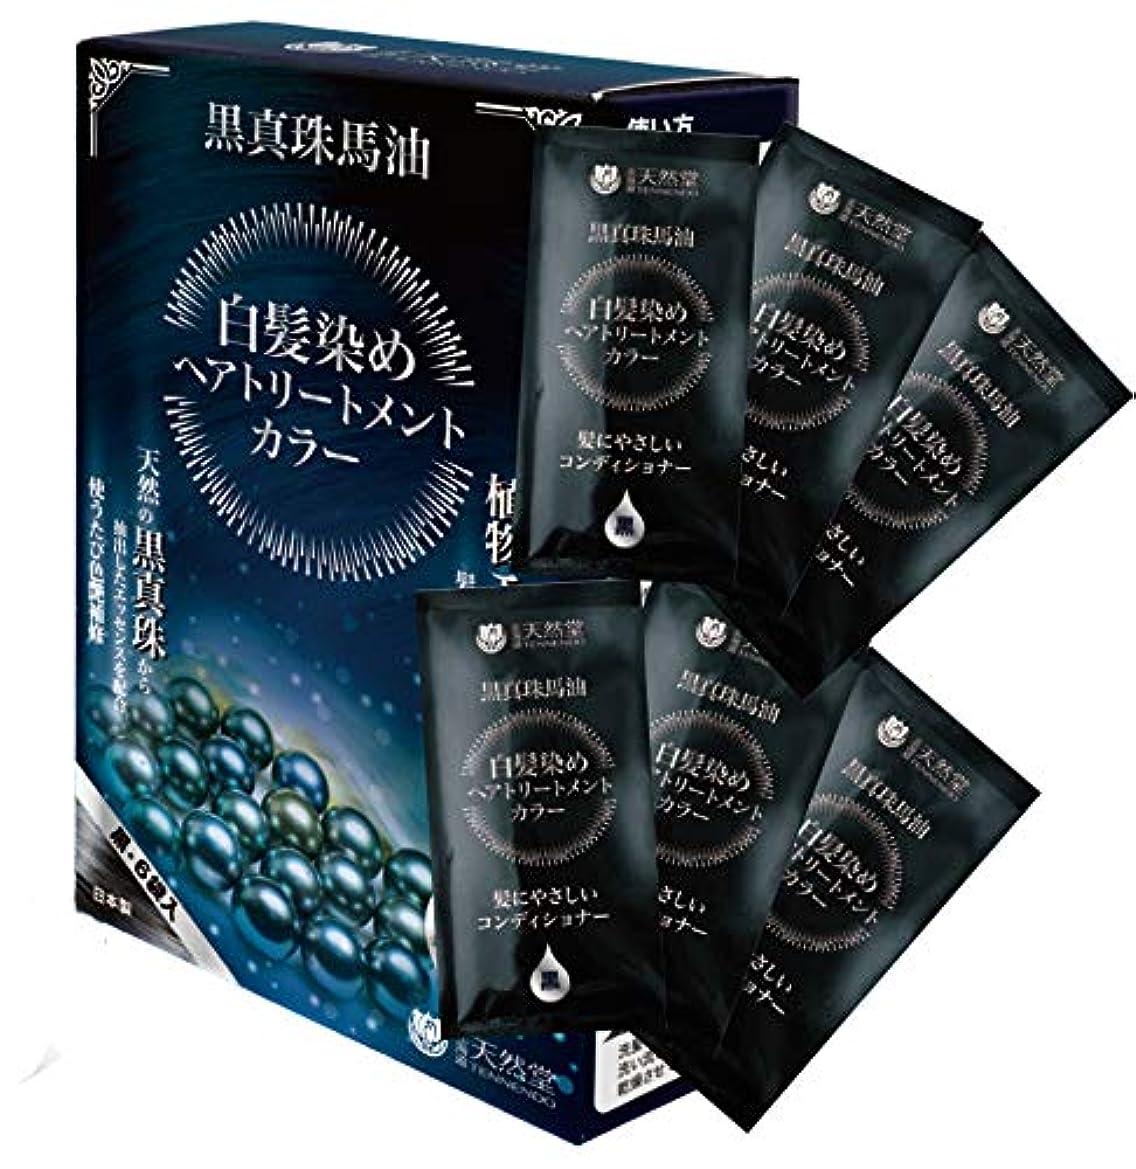 恥ずかしさ教科書地下室黒真珠馬油 白髪染め へアトリートメントカラー (黒) 20g×6 / 北海道天然堂